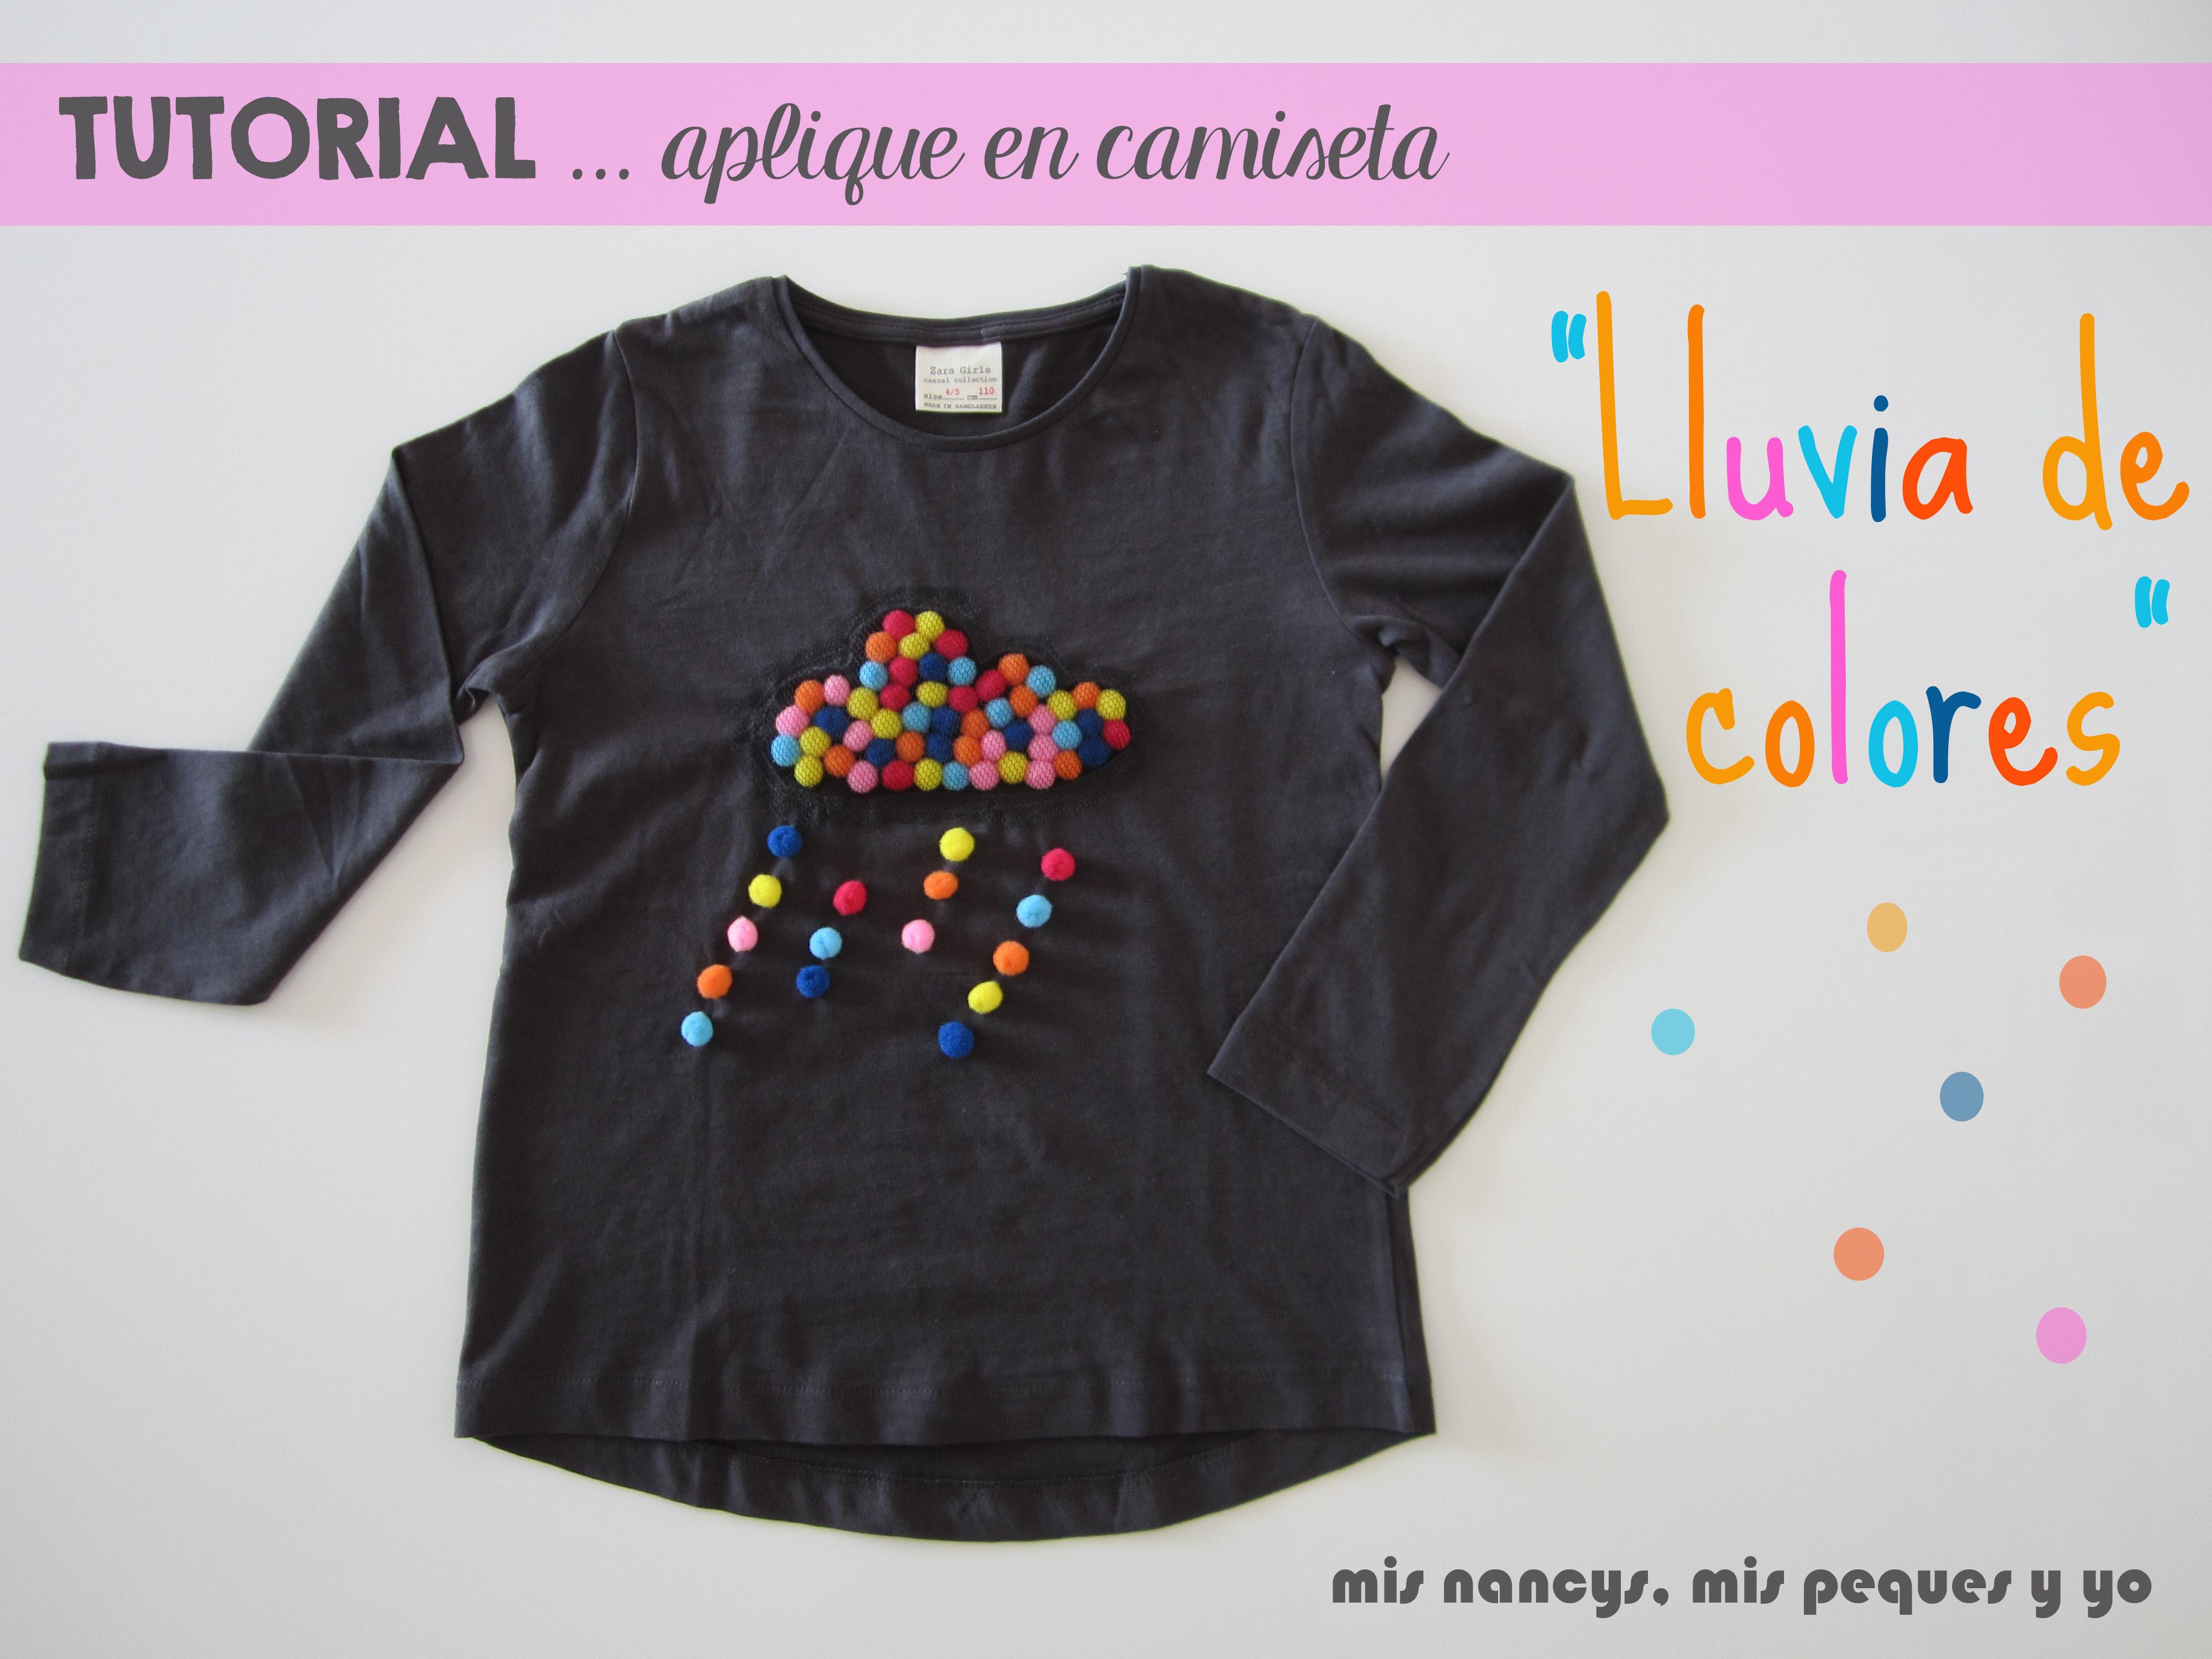 """Tutorial Aplique en camiseta… """"Lluvia de colores"""""""